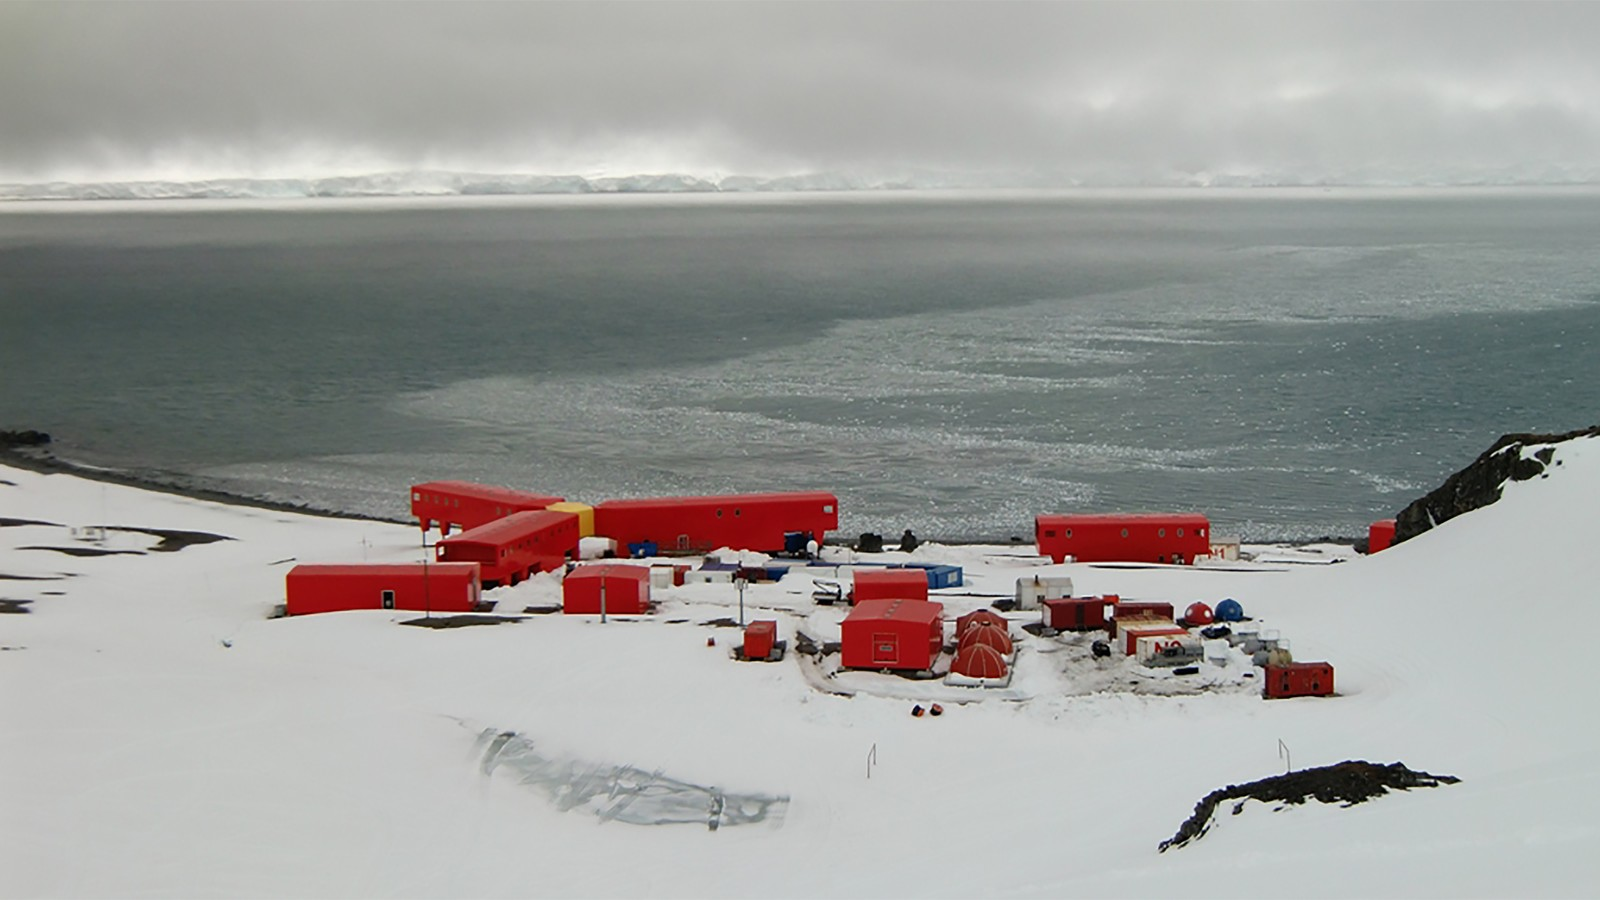 Juan Carlos 1 Antarctic Research Station 5